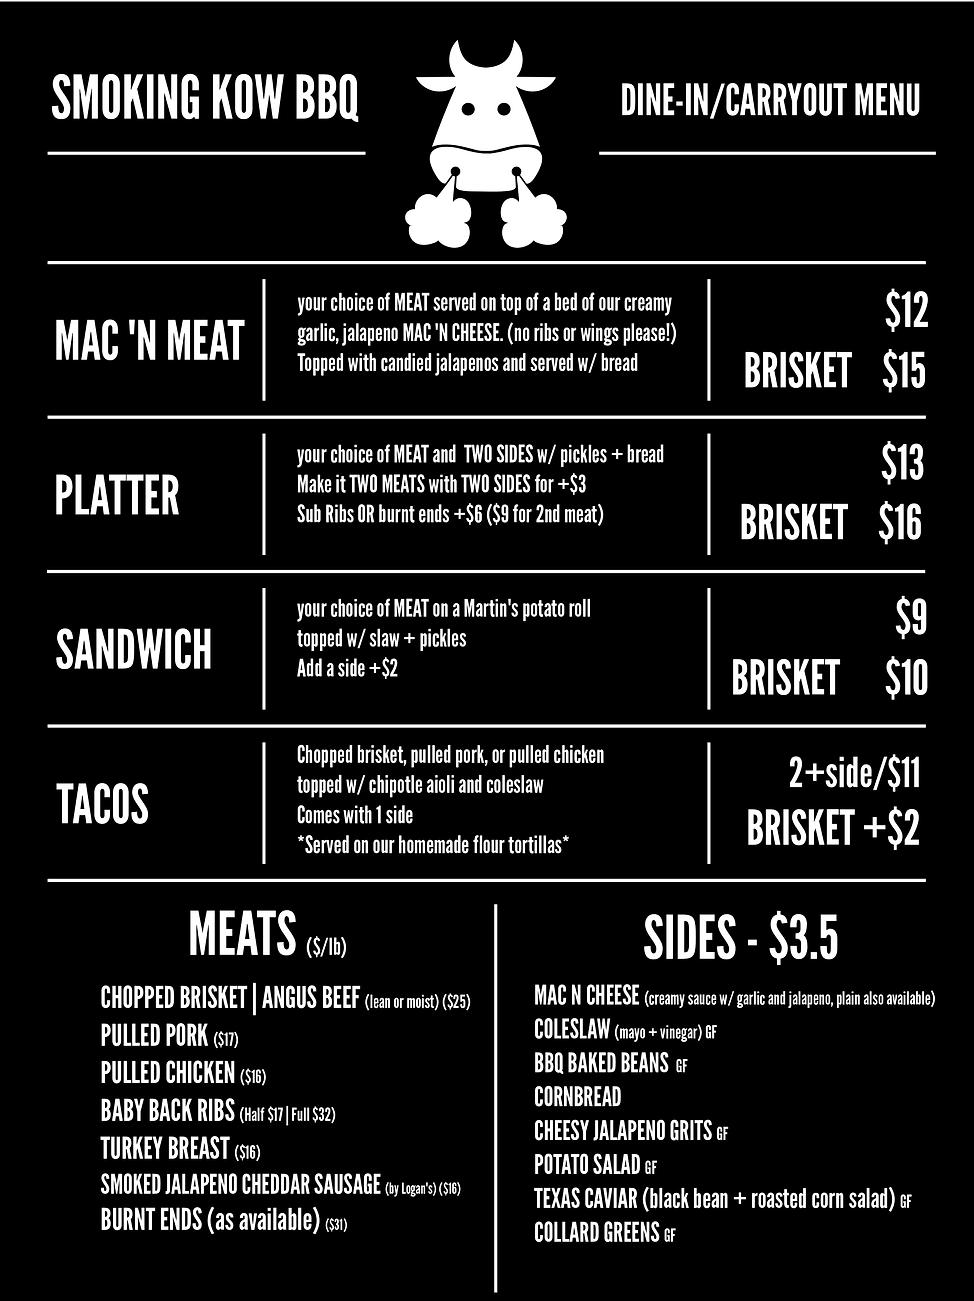 restaurant menu - LEFT 5-18-21 NEW.png